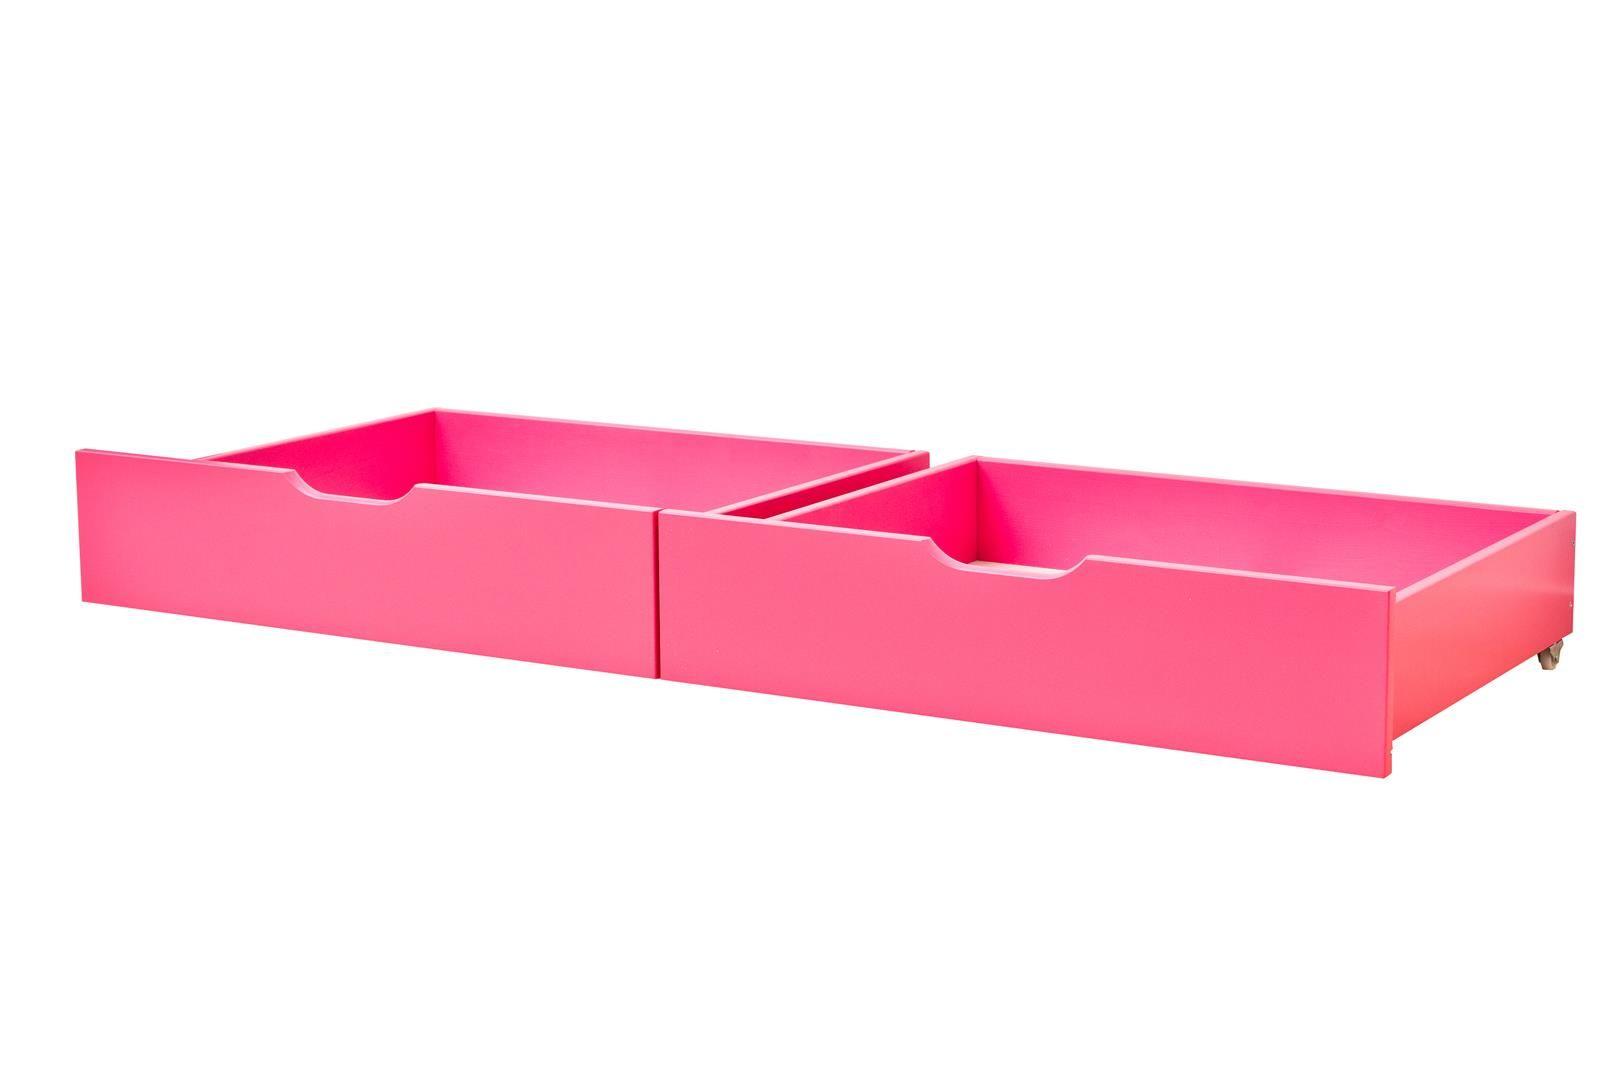 Sengeskuffesæt fra Hoppekids - Fandango Pink (153x60)